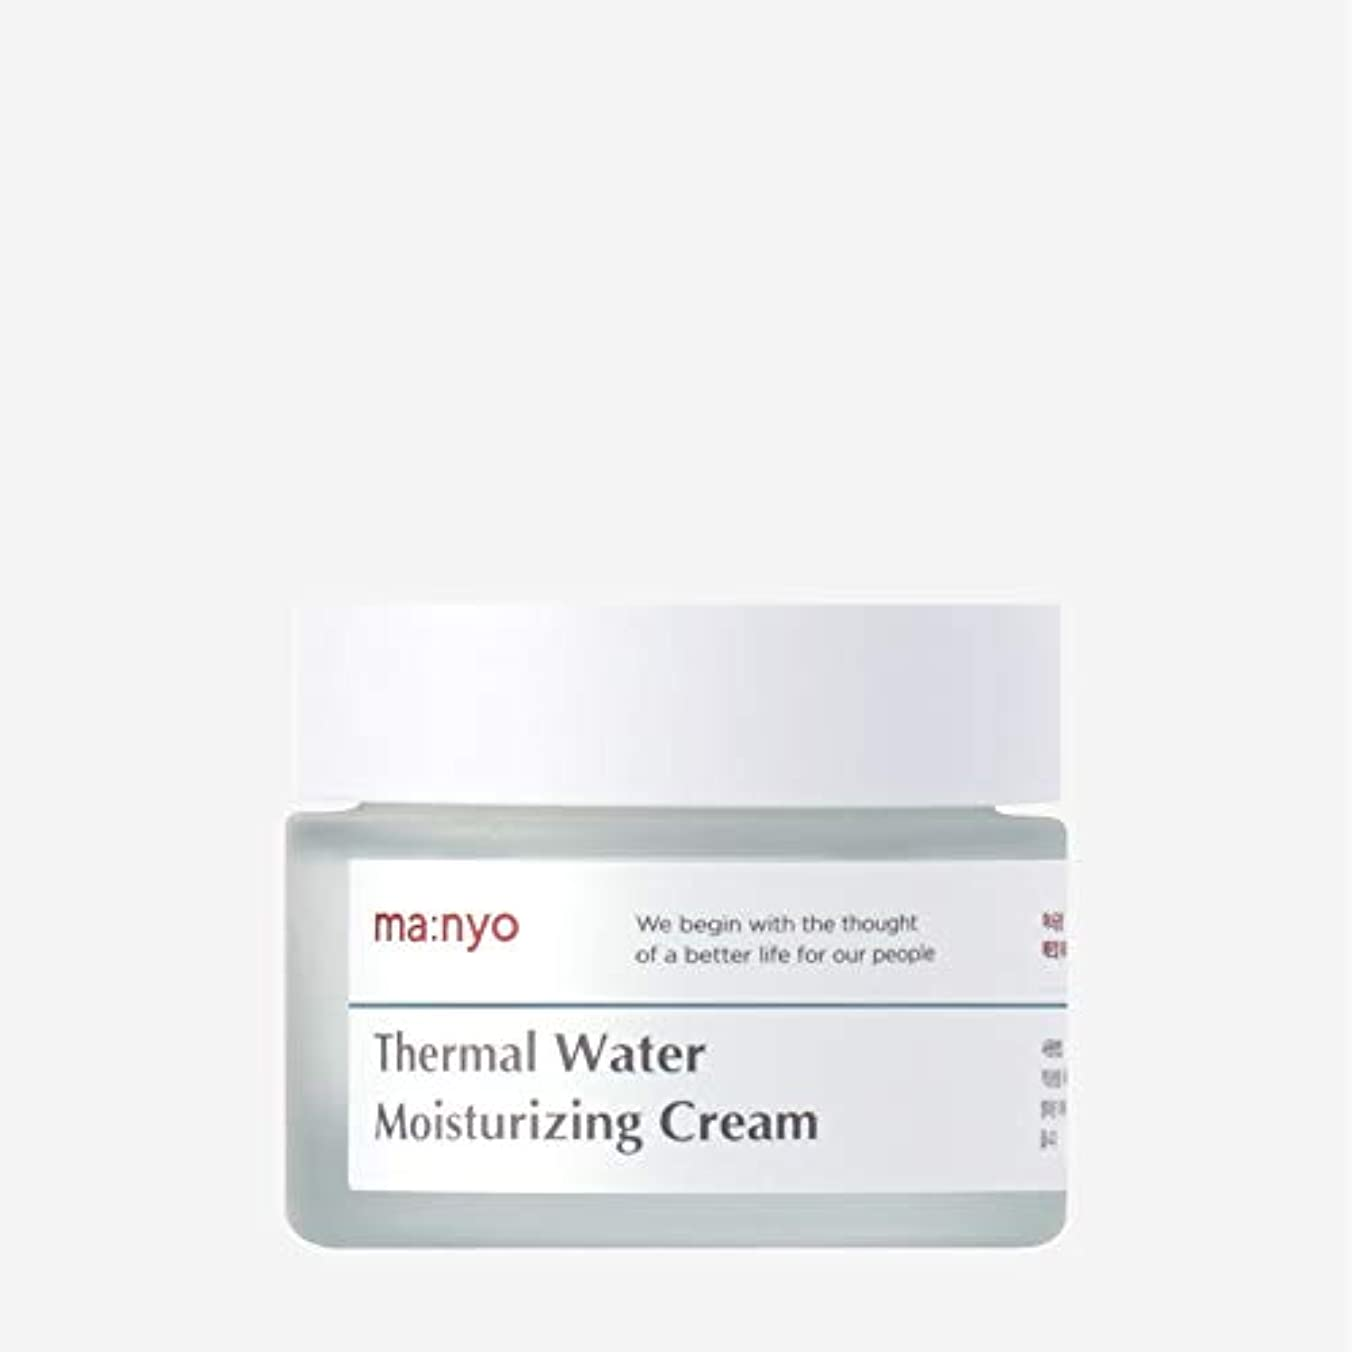 意識的着服重要魔女工場(Manyo Factory) 温泉水ミネラルクリーム 50ml / 天然ミネラル、チェコ温泉水67%で保湿補充